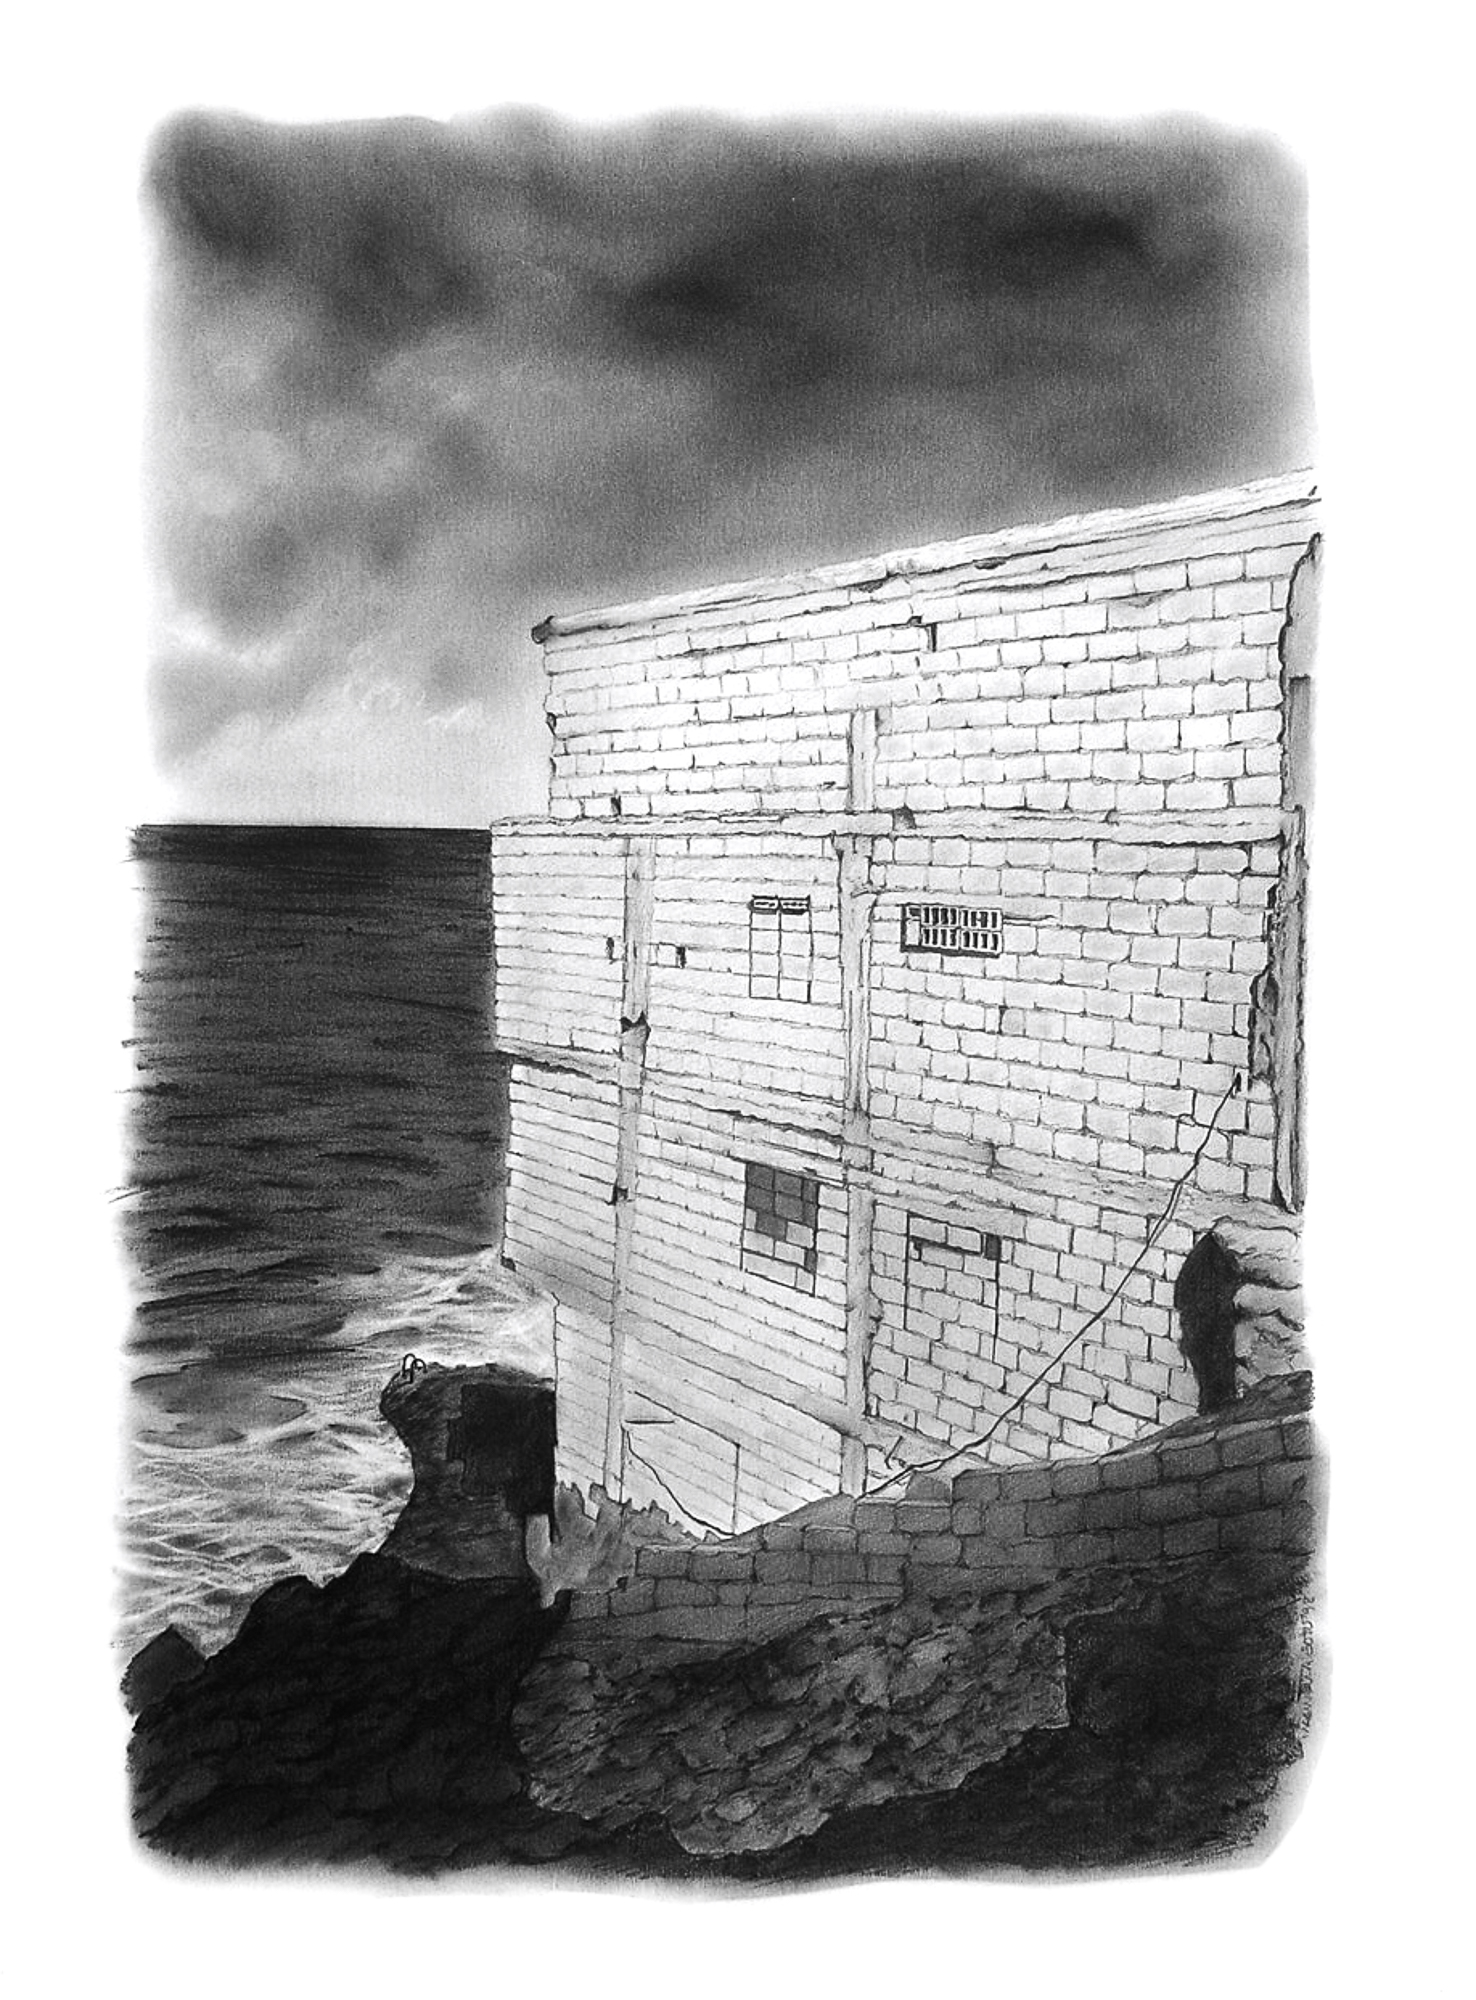 Magnolia Soto. Paisaje Canario 10. 1998. Grafito sobre papel. 50 x 37 cm.